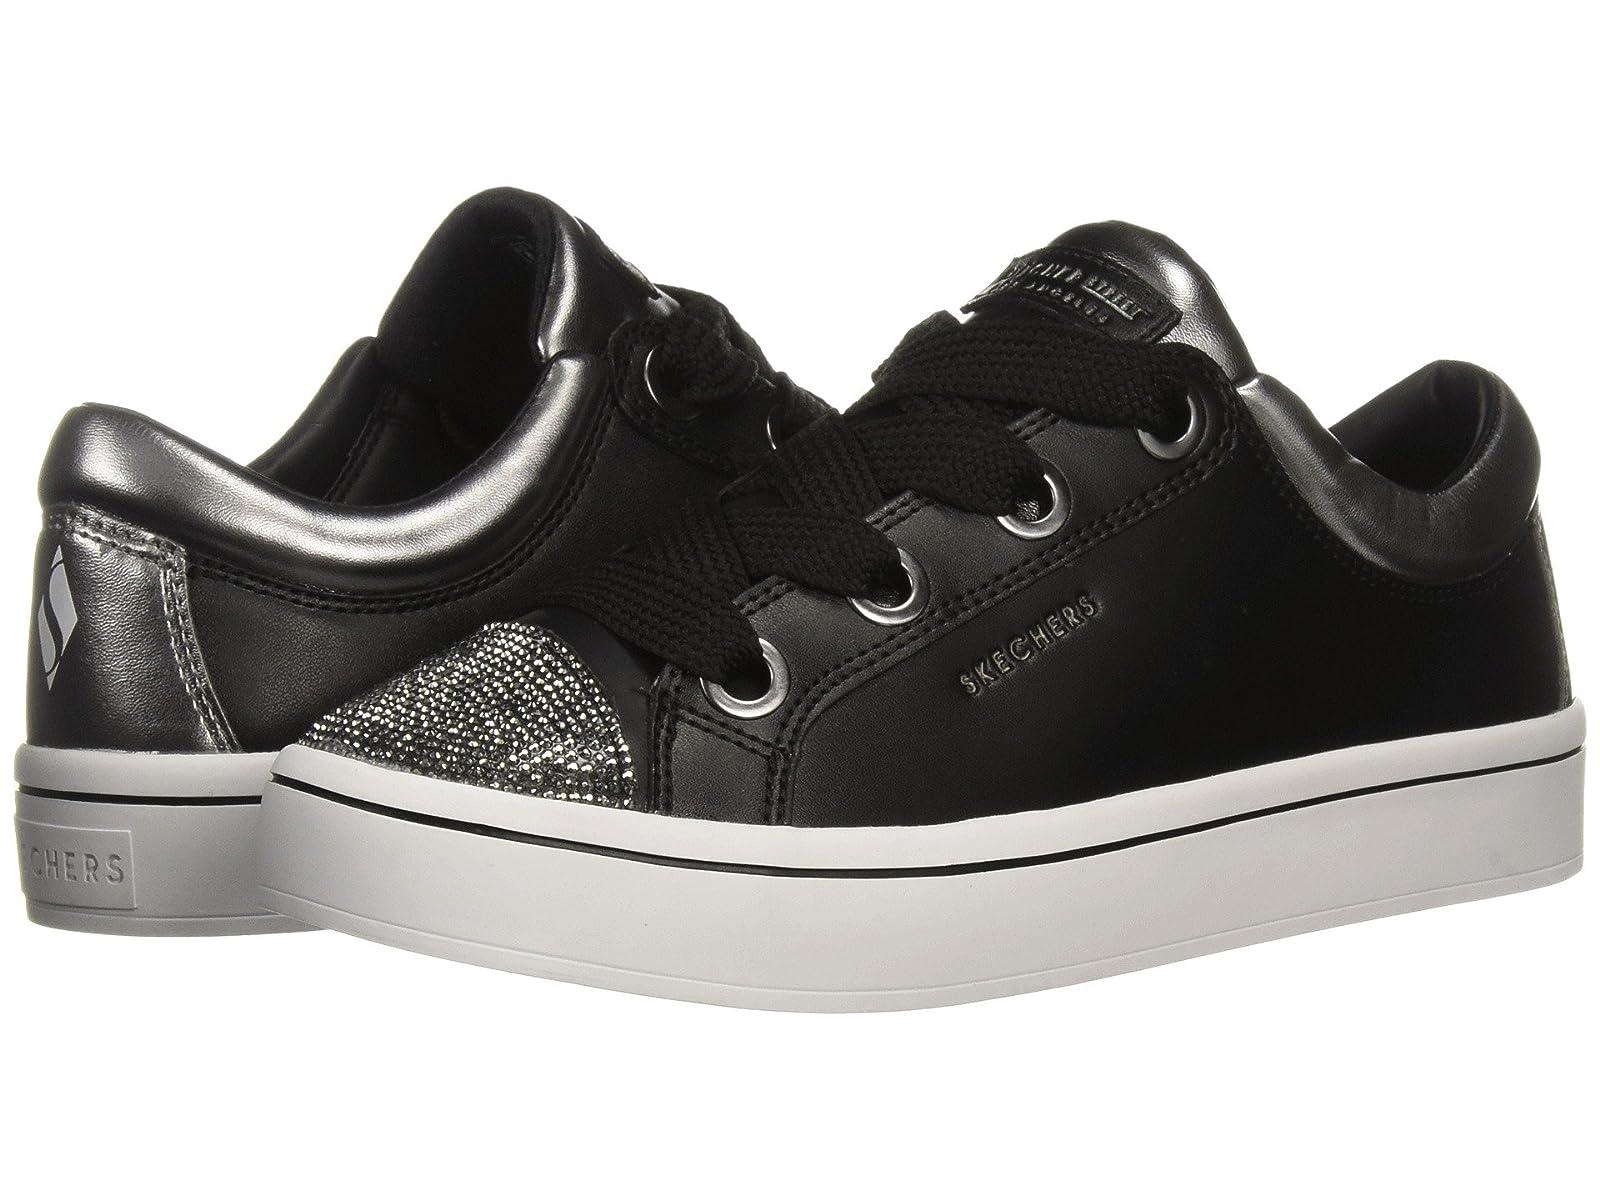 SKECHERS Hi-Lites - Space DancerAtmospheric grades have affordable shoes